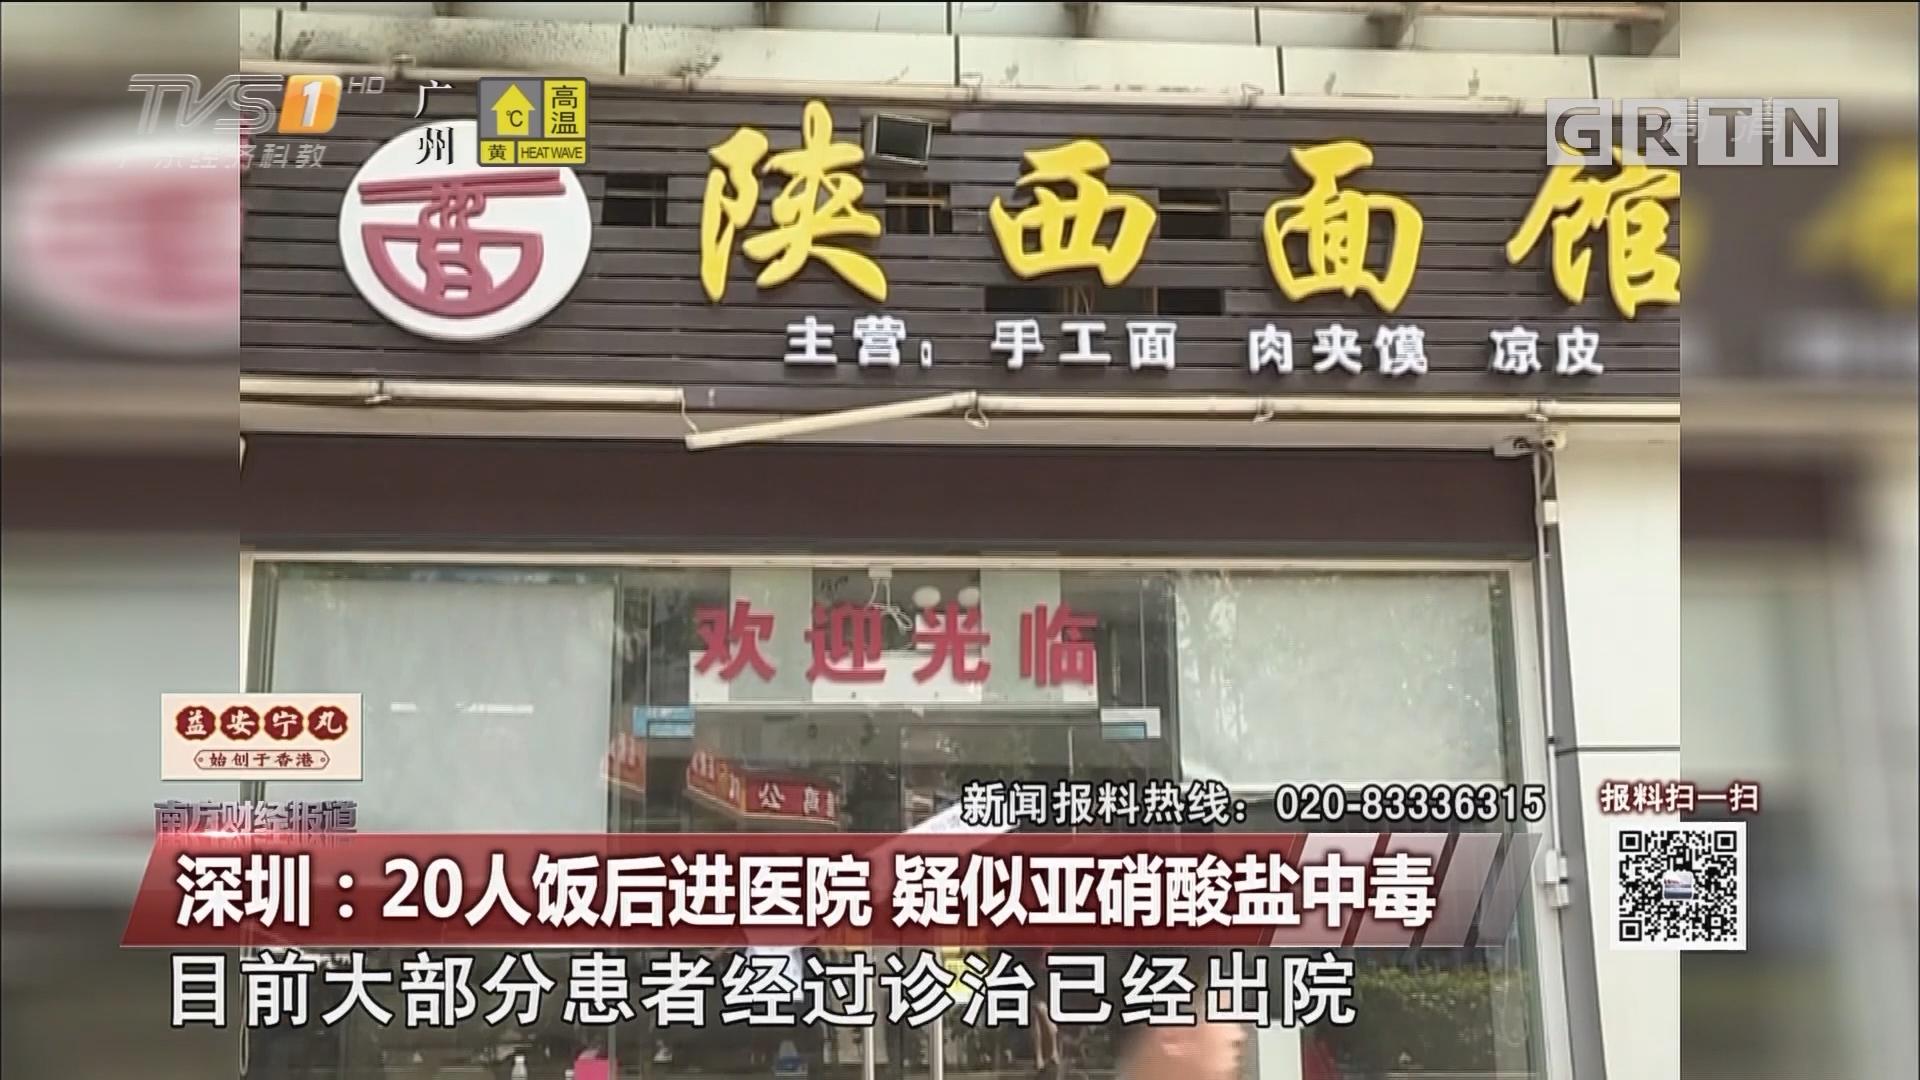 深圳:20人饭后进医院 疑似亚硝酸盐中毒